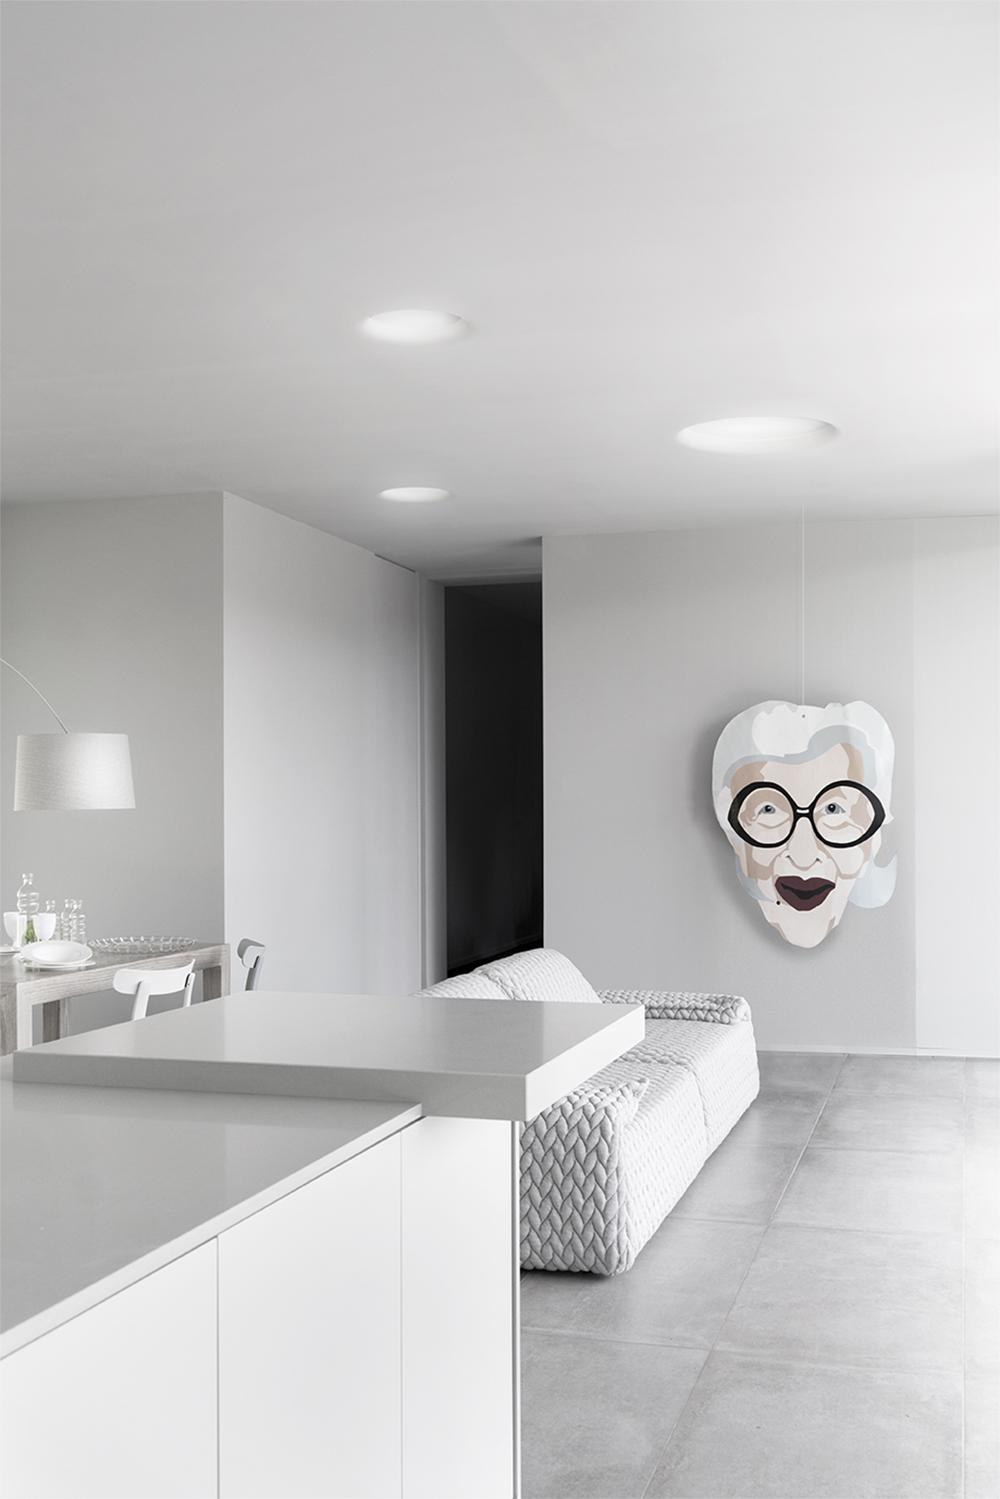 soggiorno e cucina con dipinto d'artista MercurioS17S71